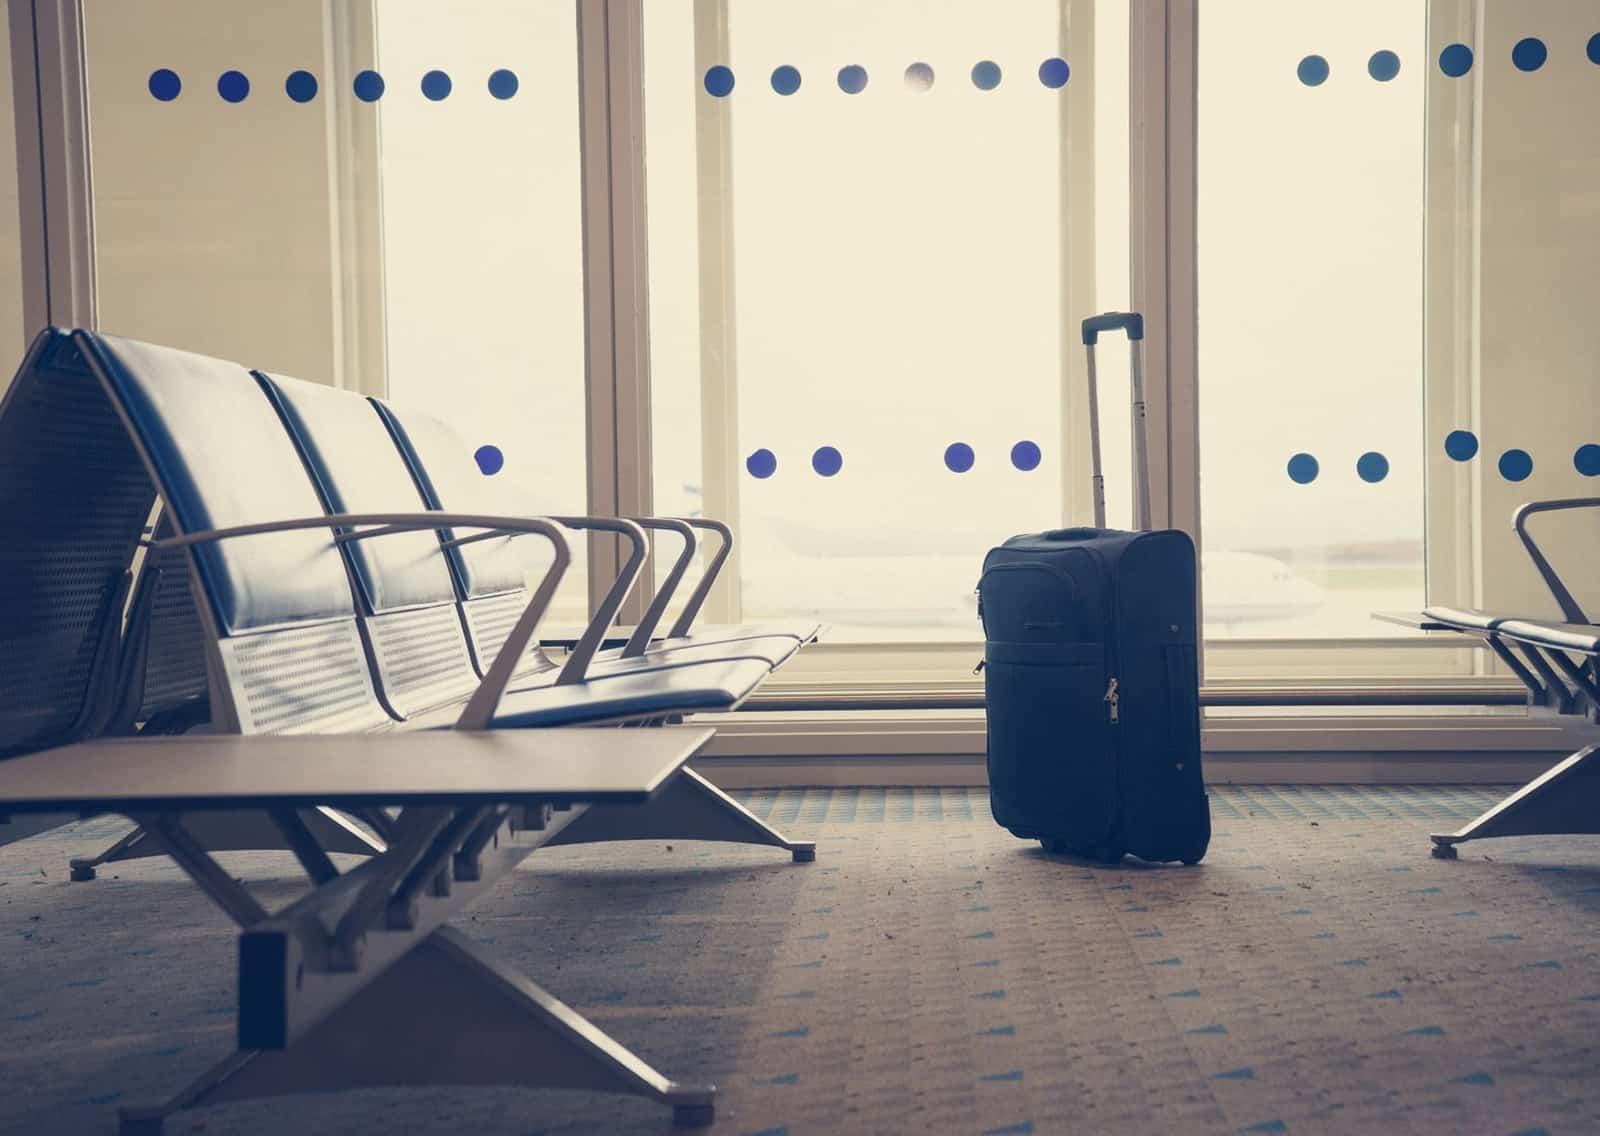 aeroporto sala attesa